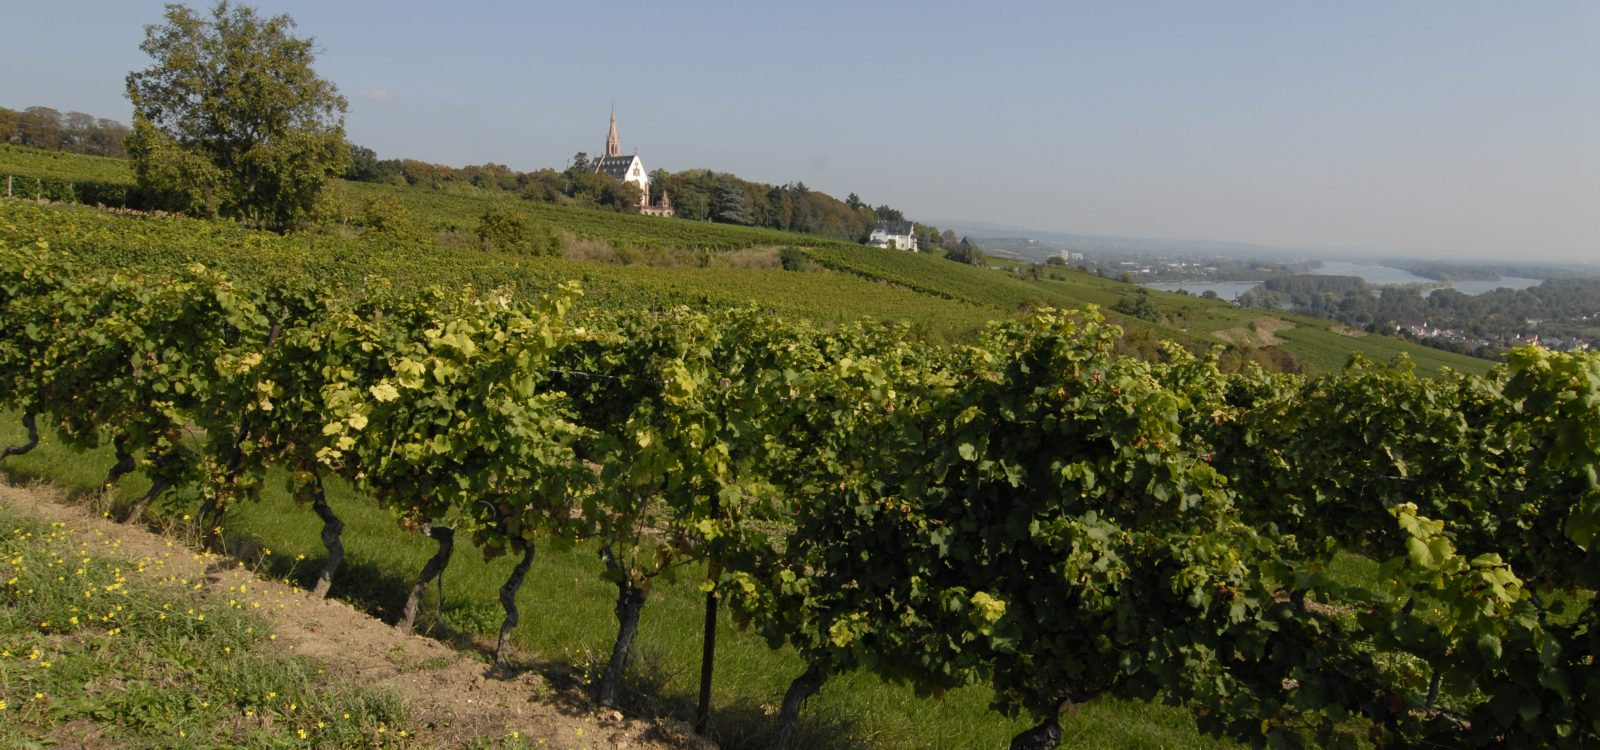 Hildegard von Bingen Blick auf die Rochuskapelle in Bingen